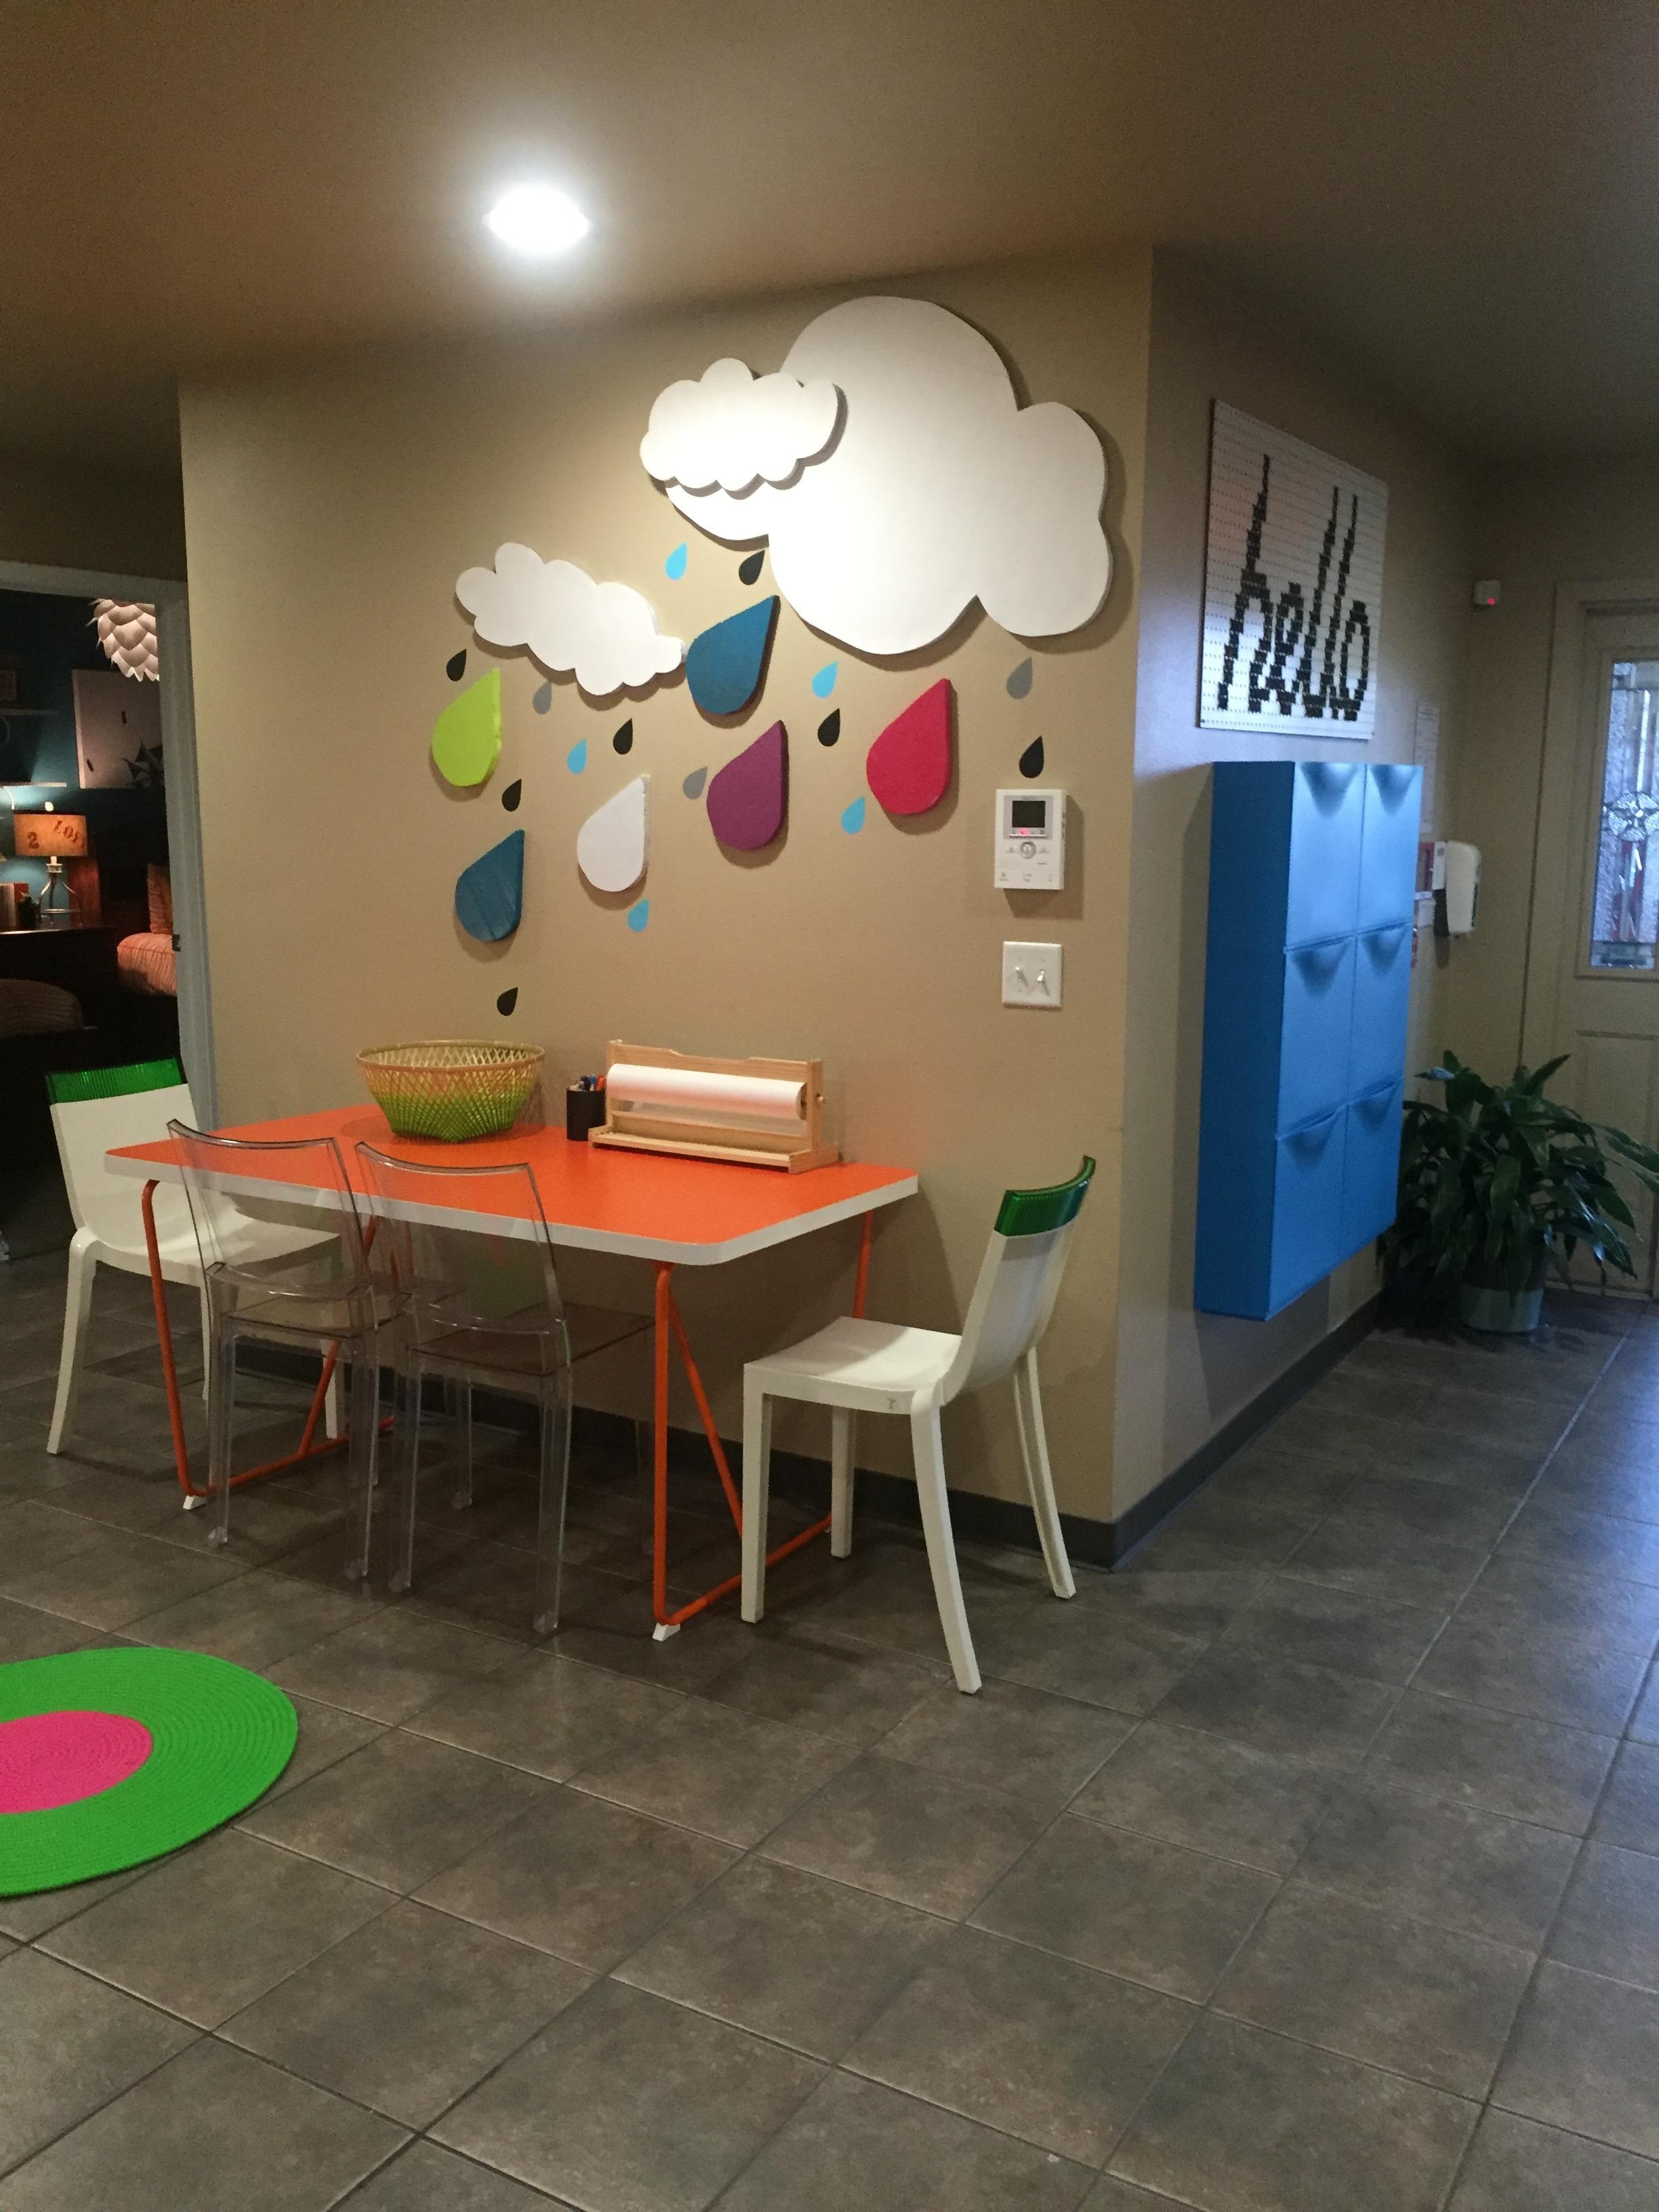 Foyer table for creating art